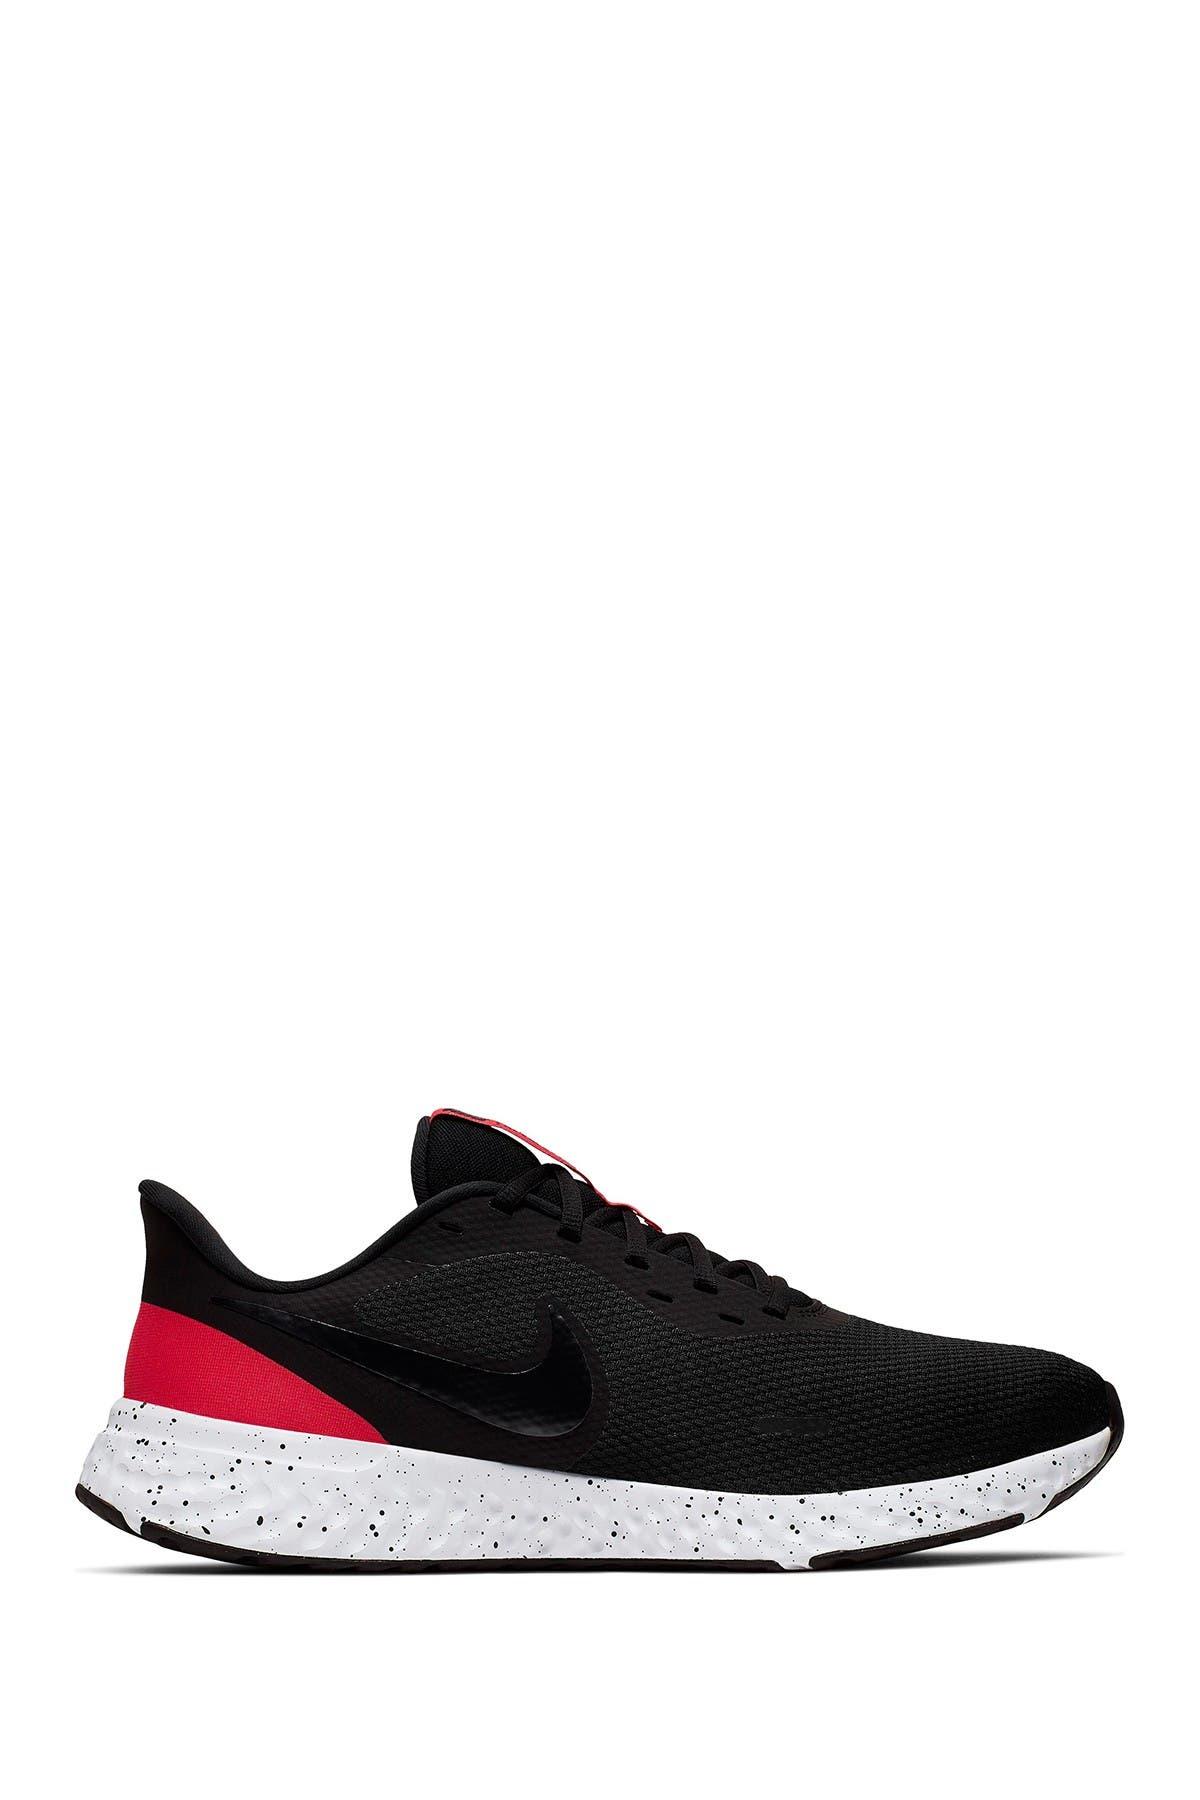 Image of Nike Revolution 5 Sneaker